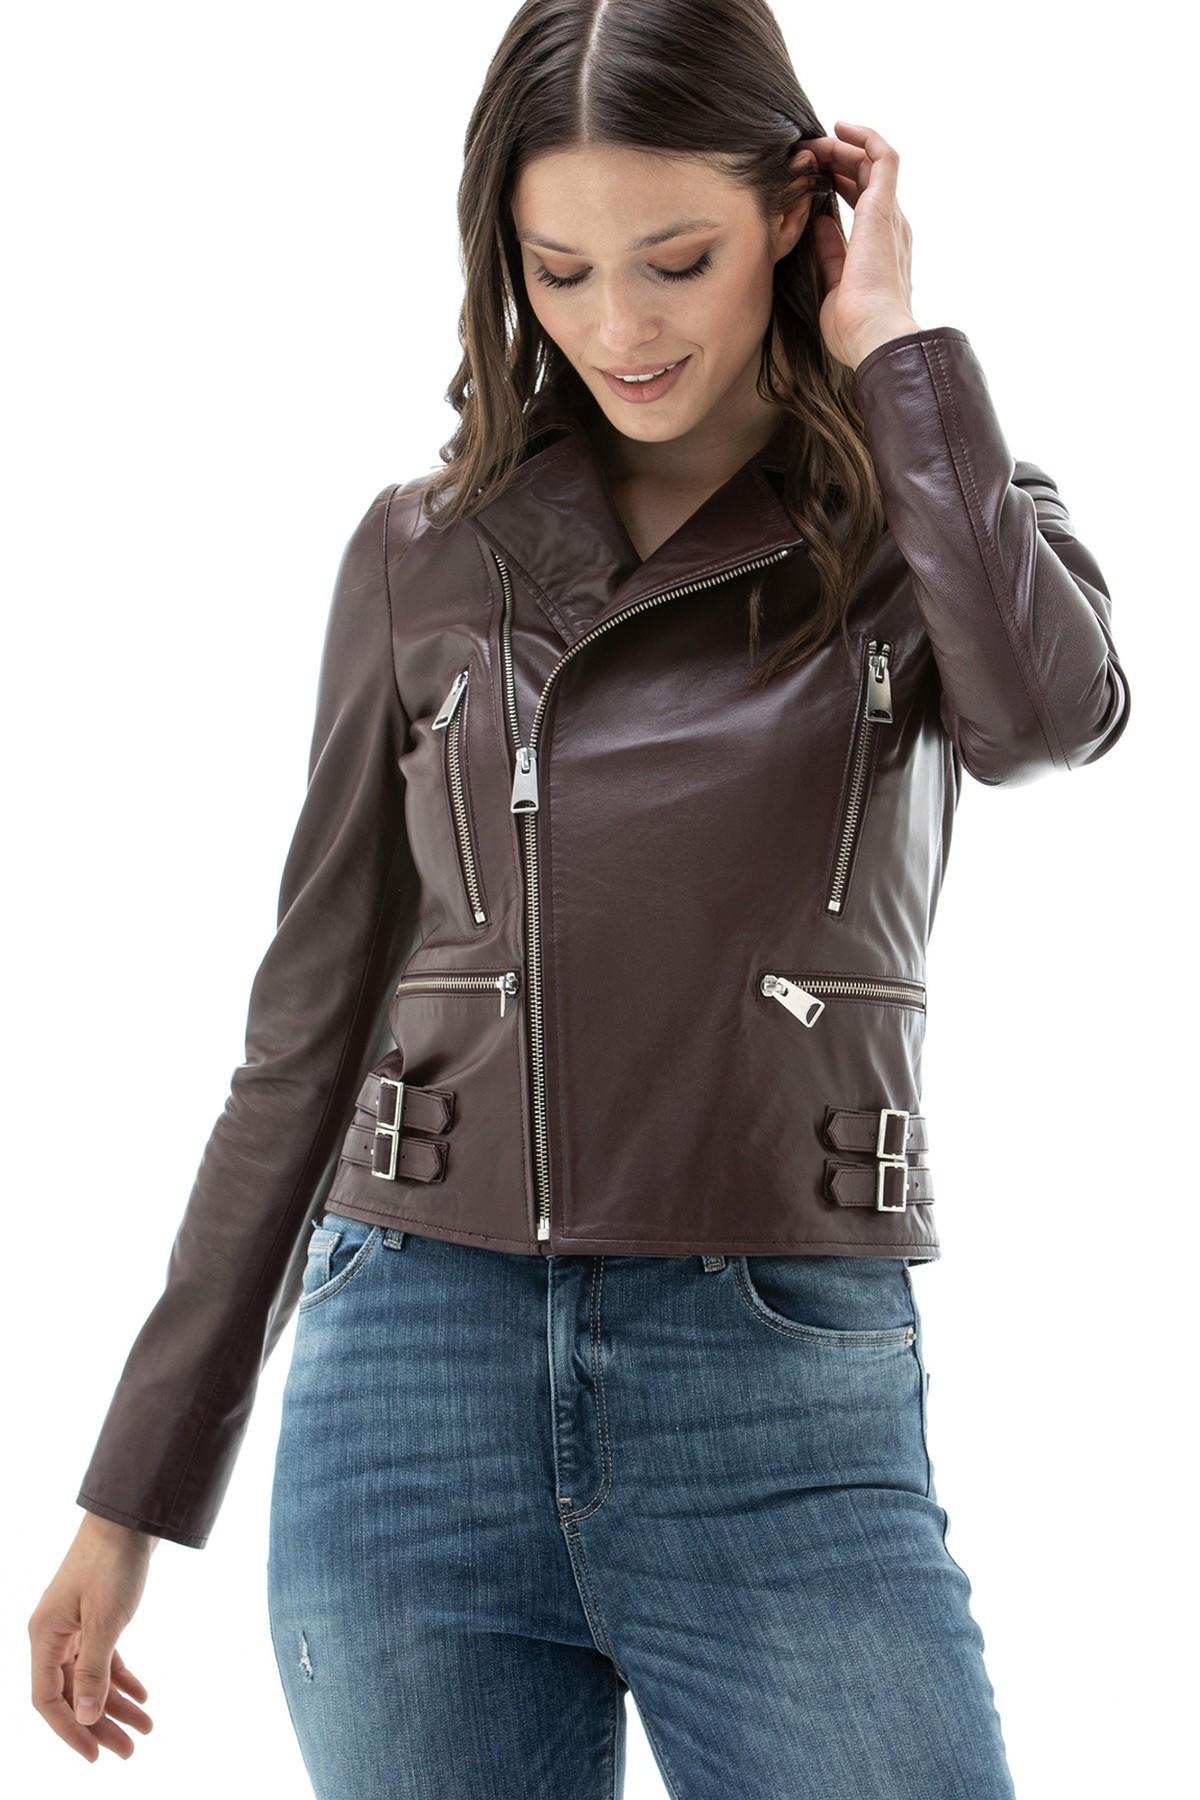 Paul Smith Leather Jacket